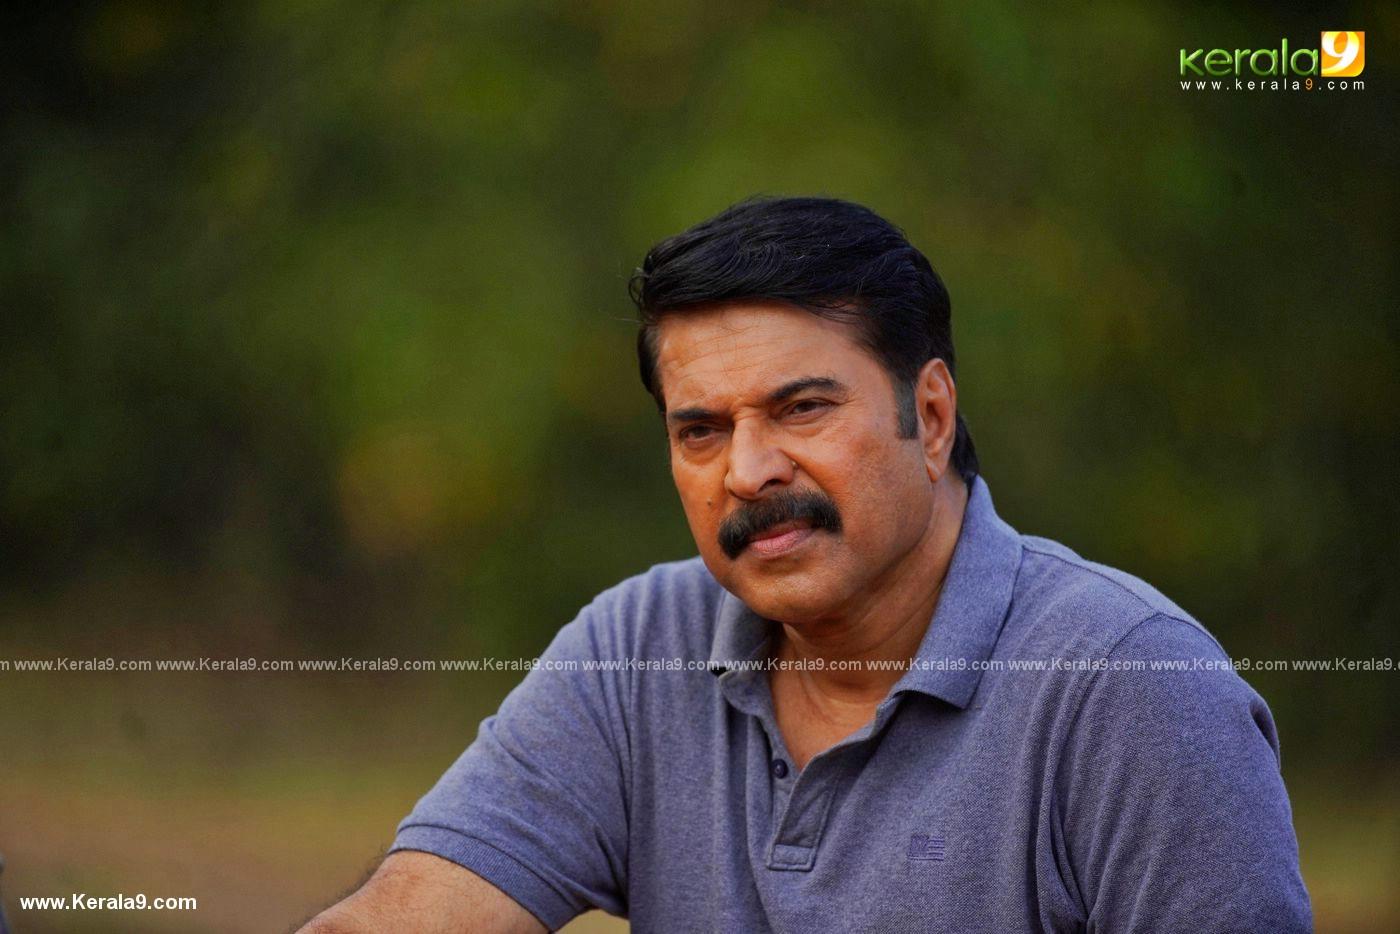 unda malayalam movie stills 004 - Kerala9.com